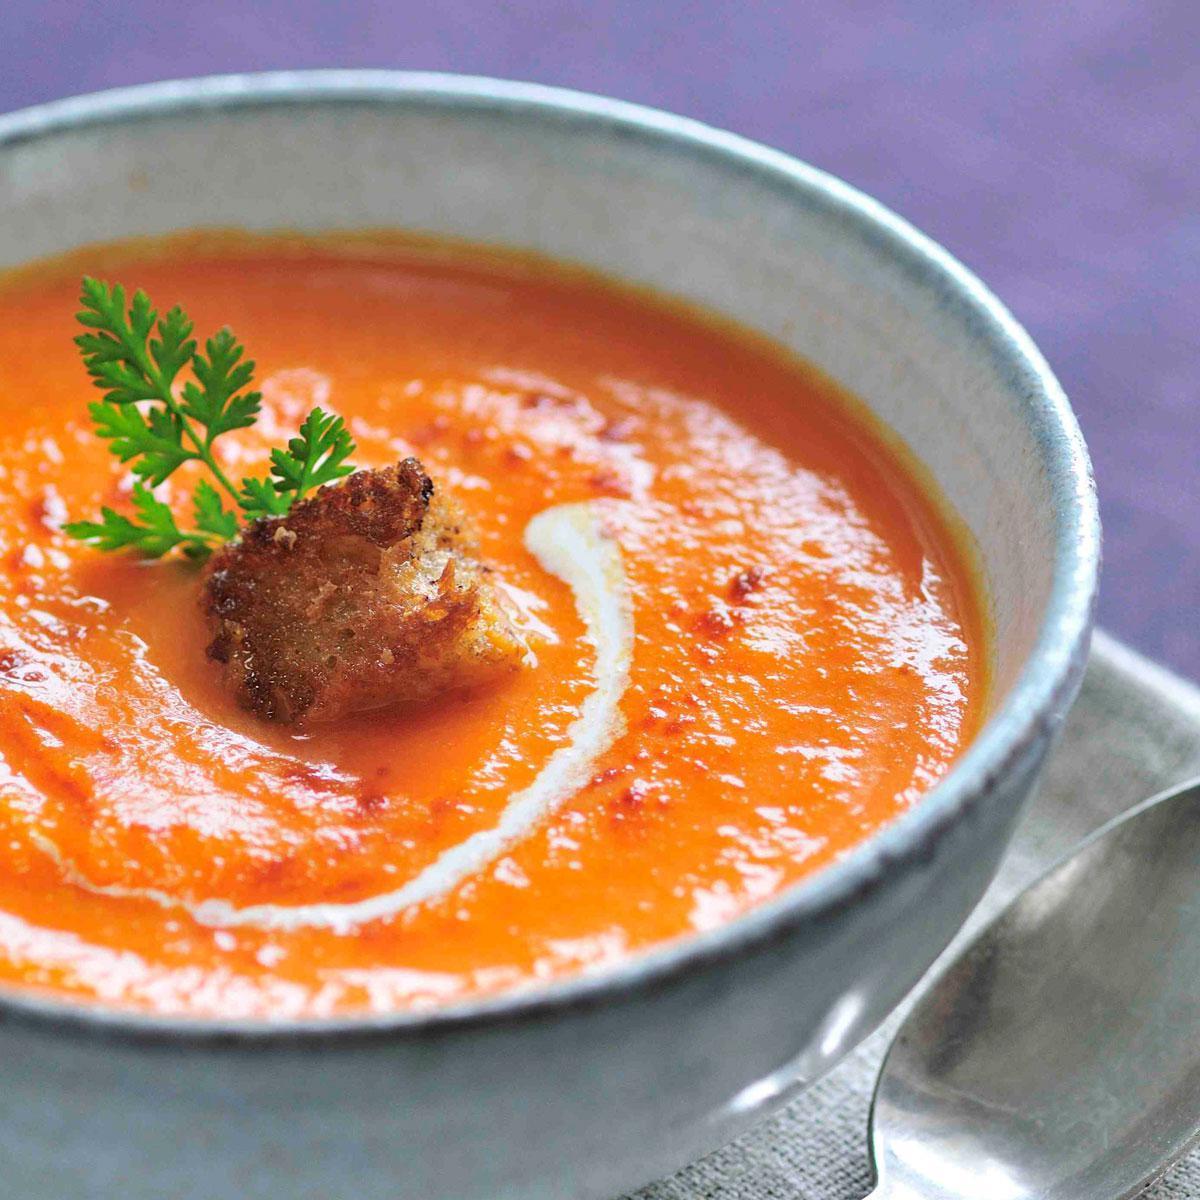 Comment cuisiner fanes pluchures de l gumes et carcasses - Cuisiner fanes de carottes ...